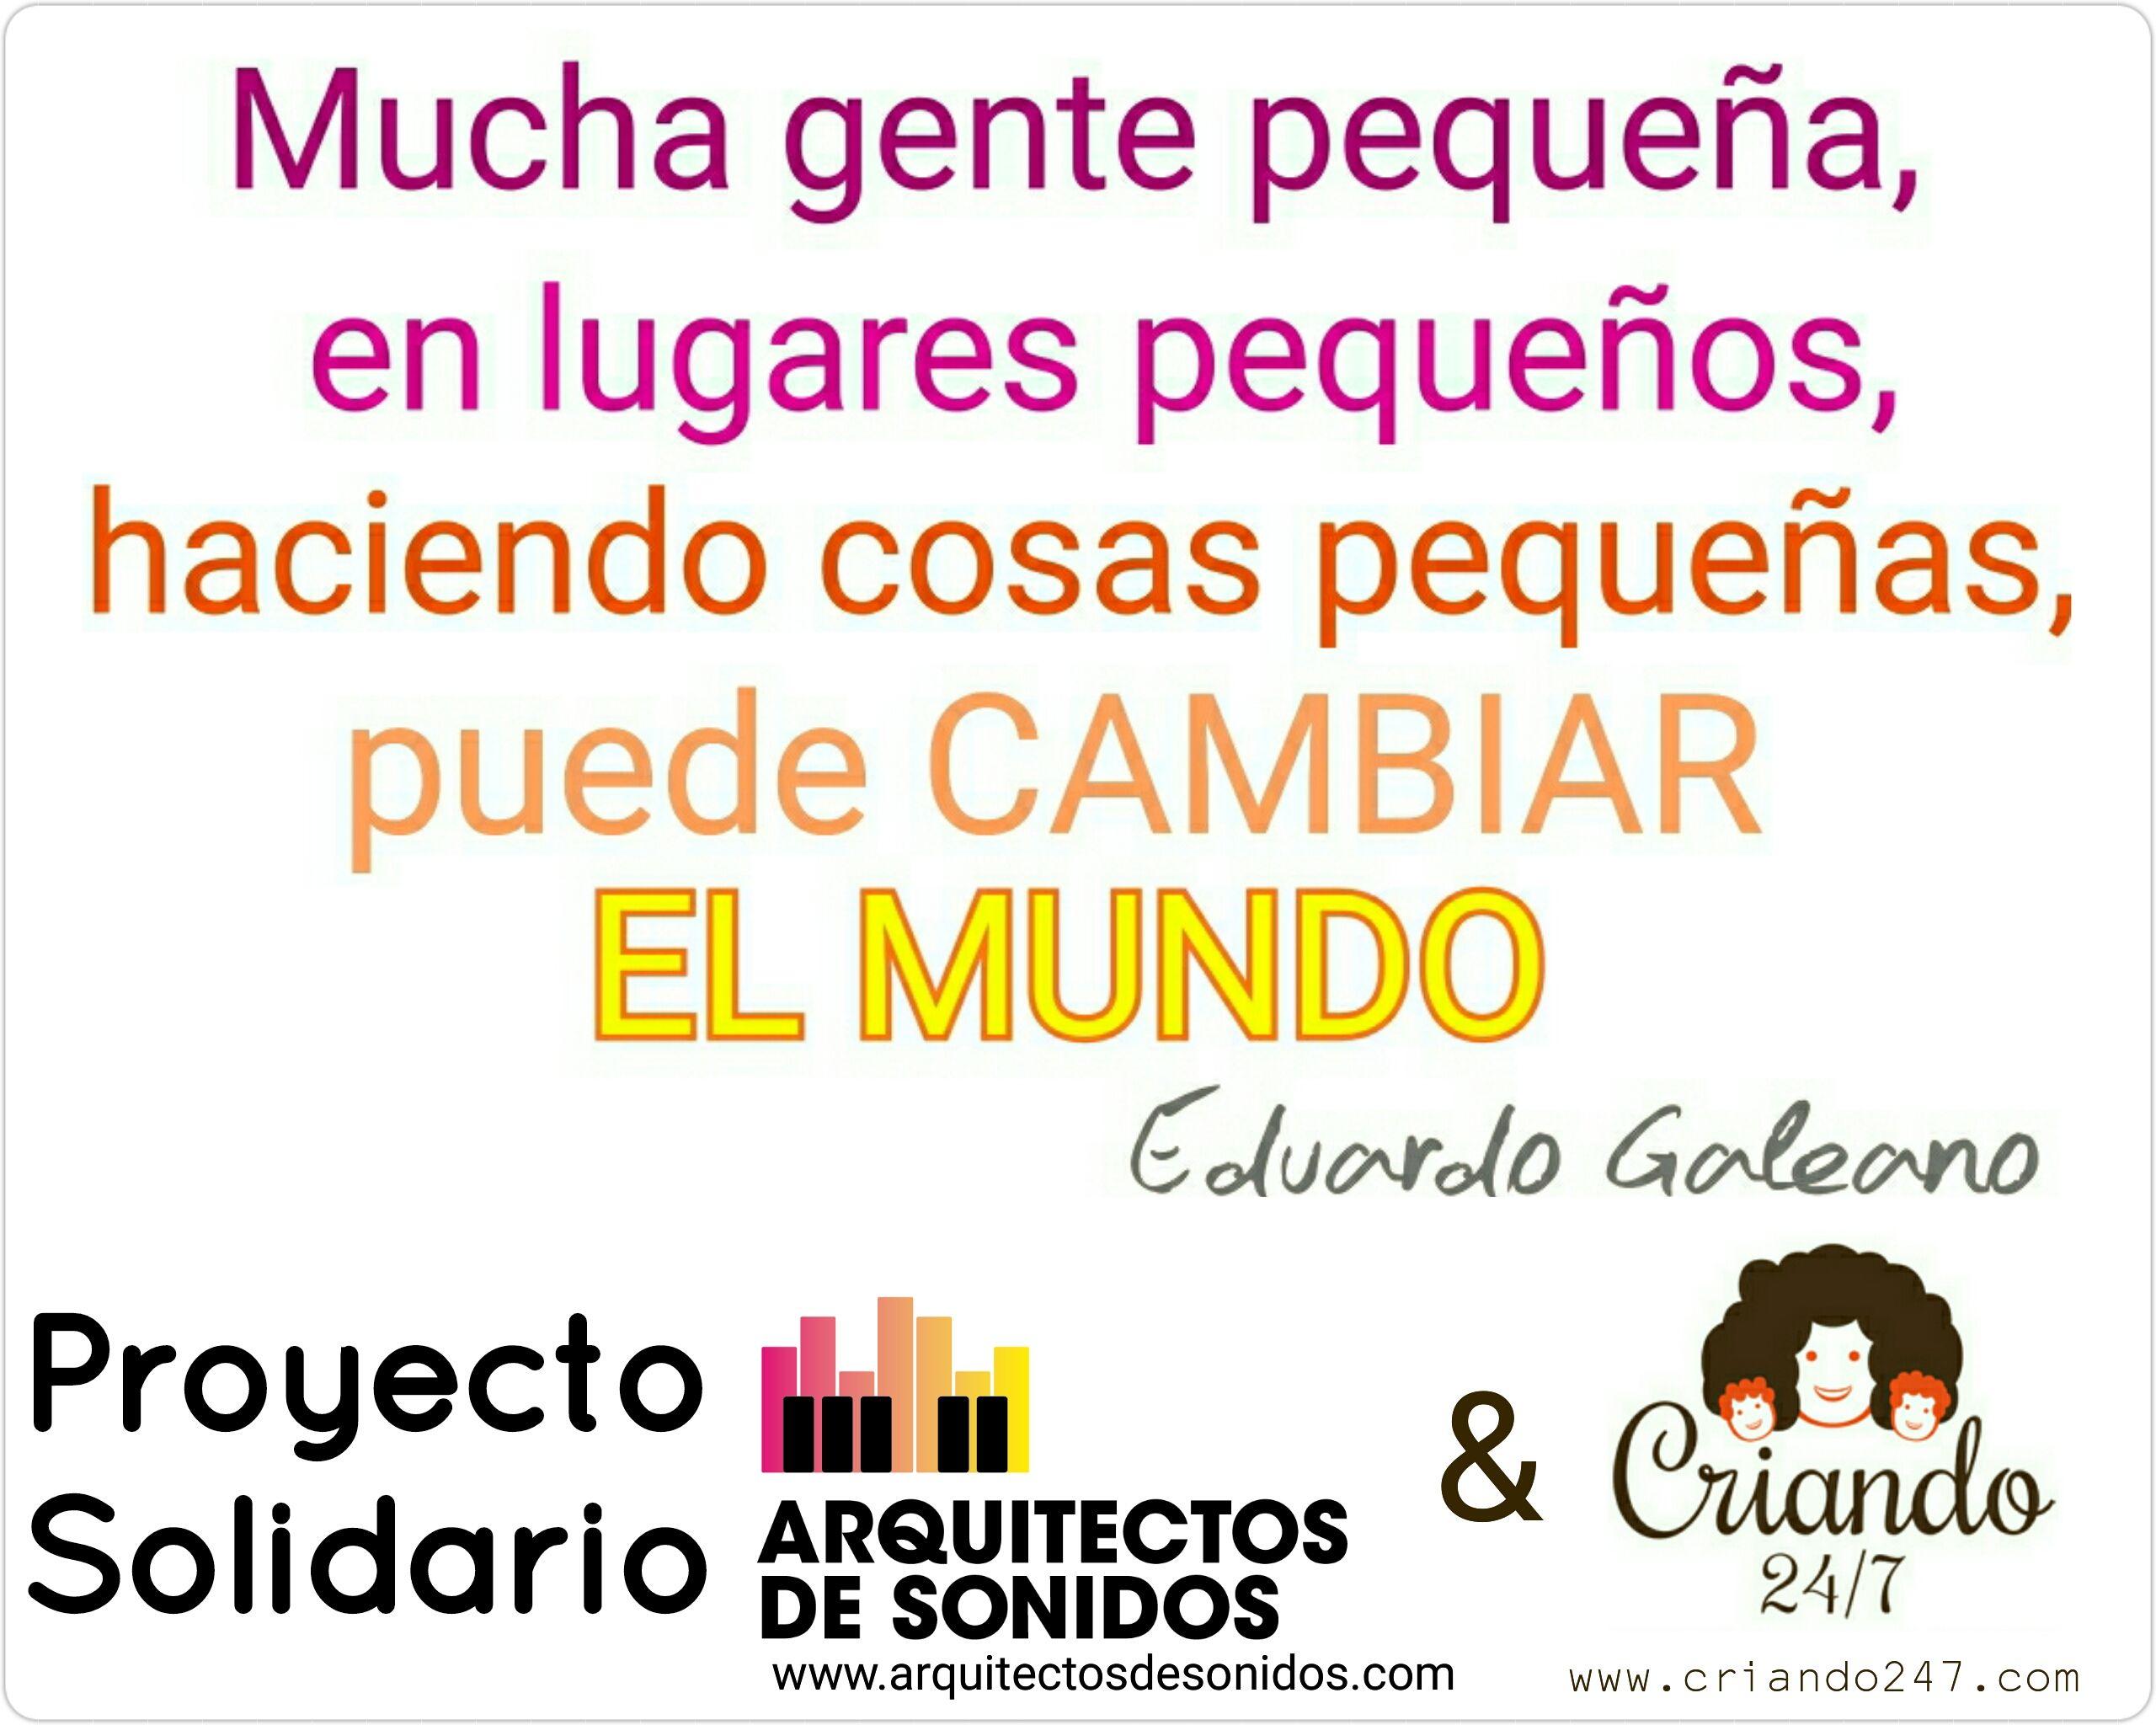 Proy Solidario AdS Criando247